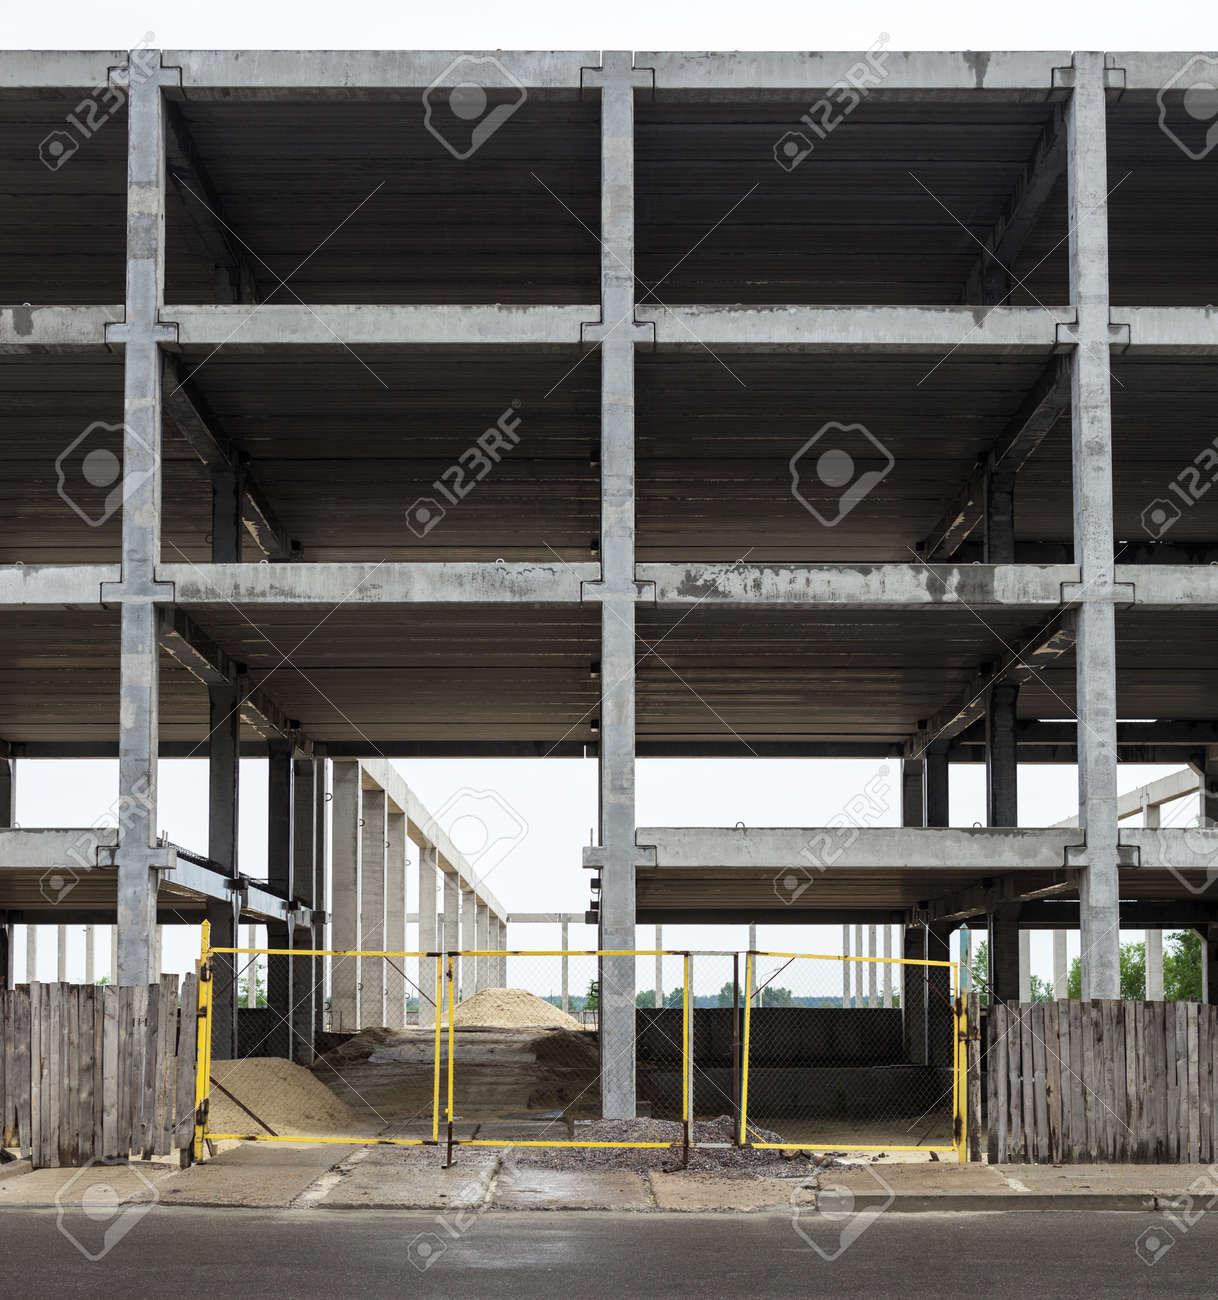 Unfinished Grauen Beton Rahmen Der Künftigen Gebäude In Der ...